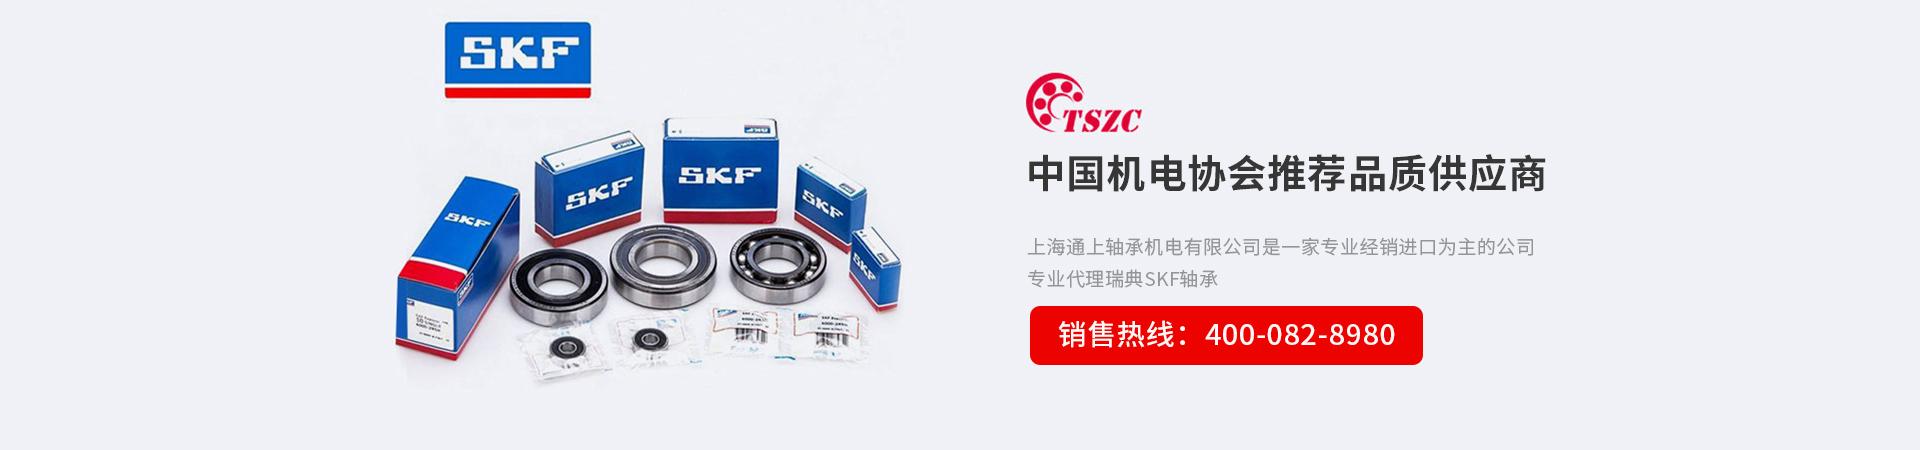 上海skf轴承经销商